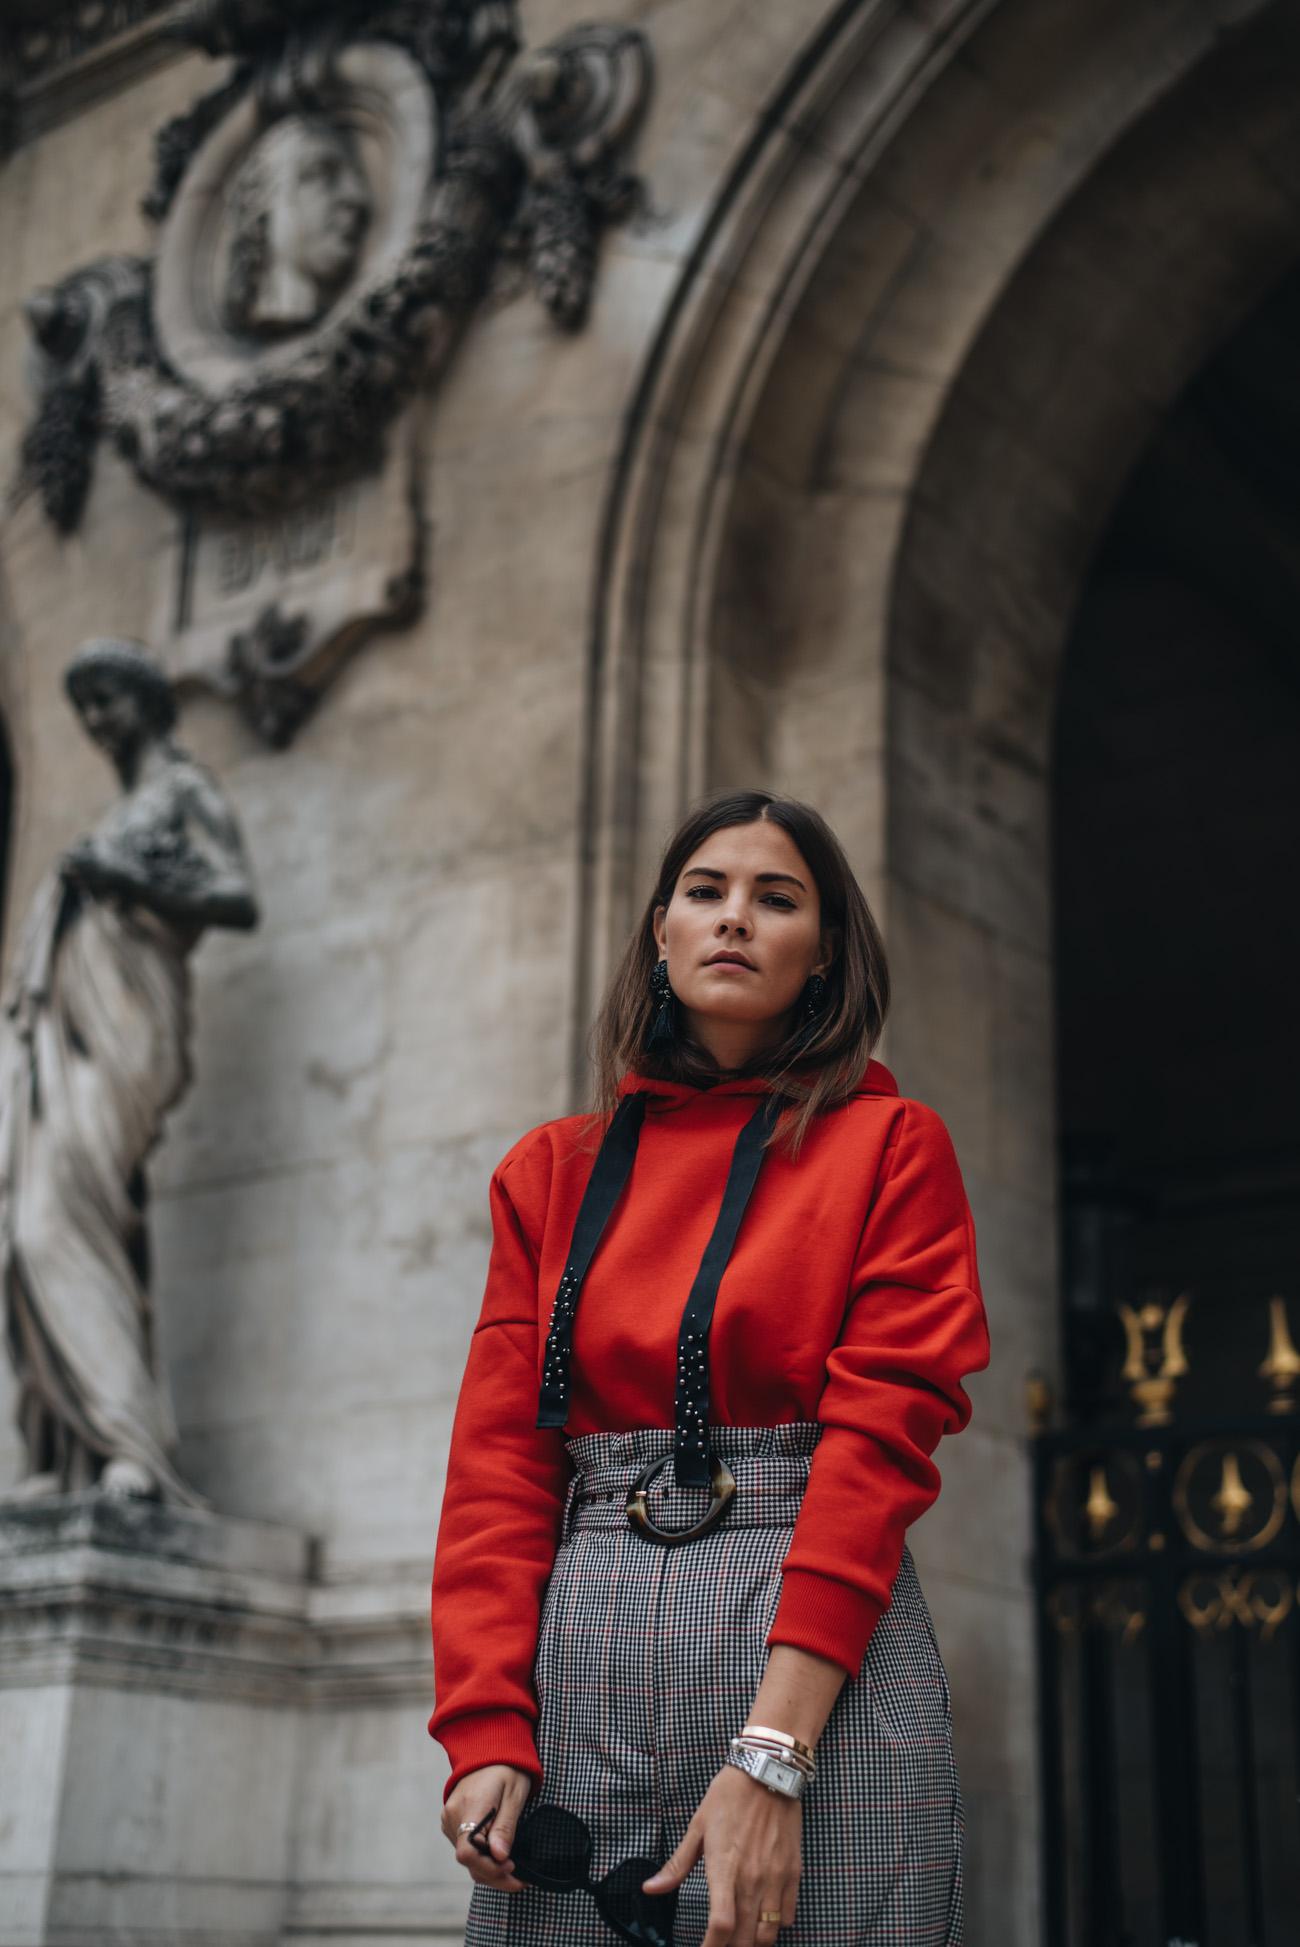 Hoodie-Mode-Trend-2017-sweatshirt-rot-nina-schwichtenberg-fashiioncarpet